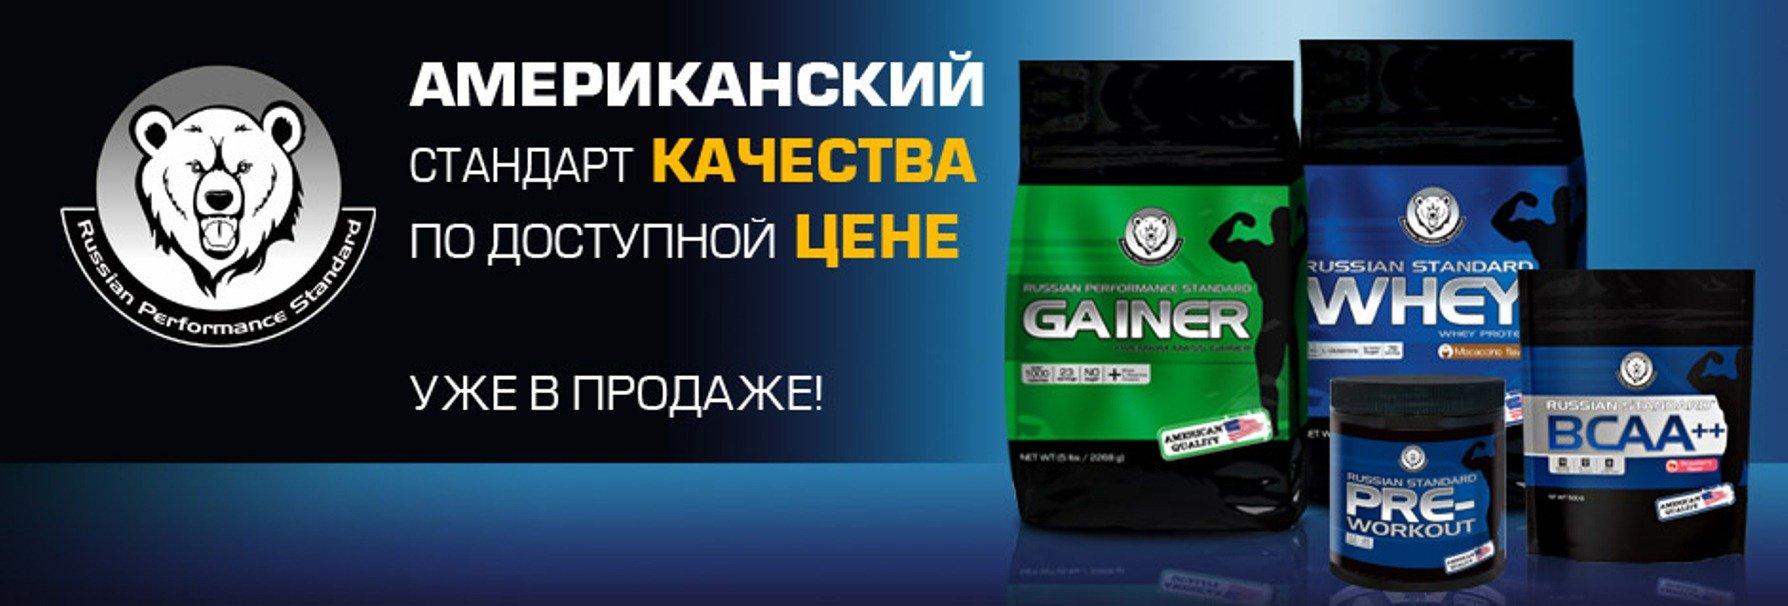 RPS - спортивное питание премиум качества по антикризисным ценам! Самые вкусные протеины, казеины, гейнеры